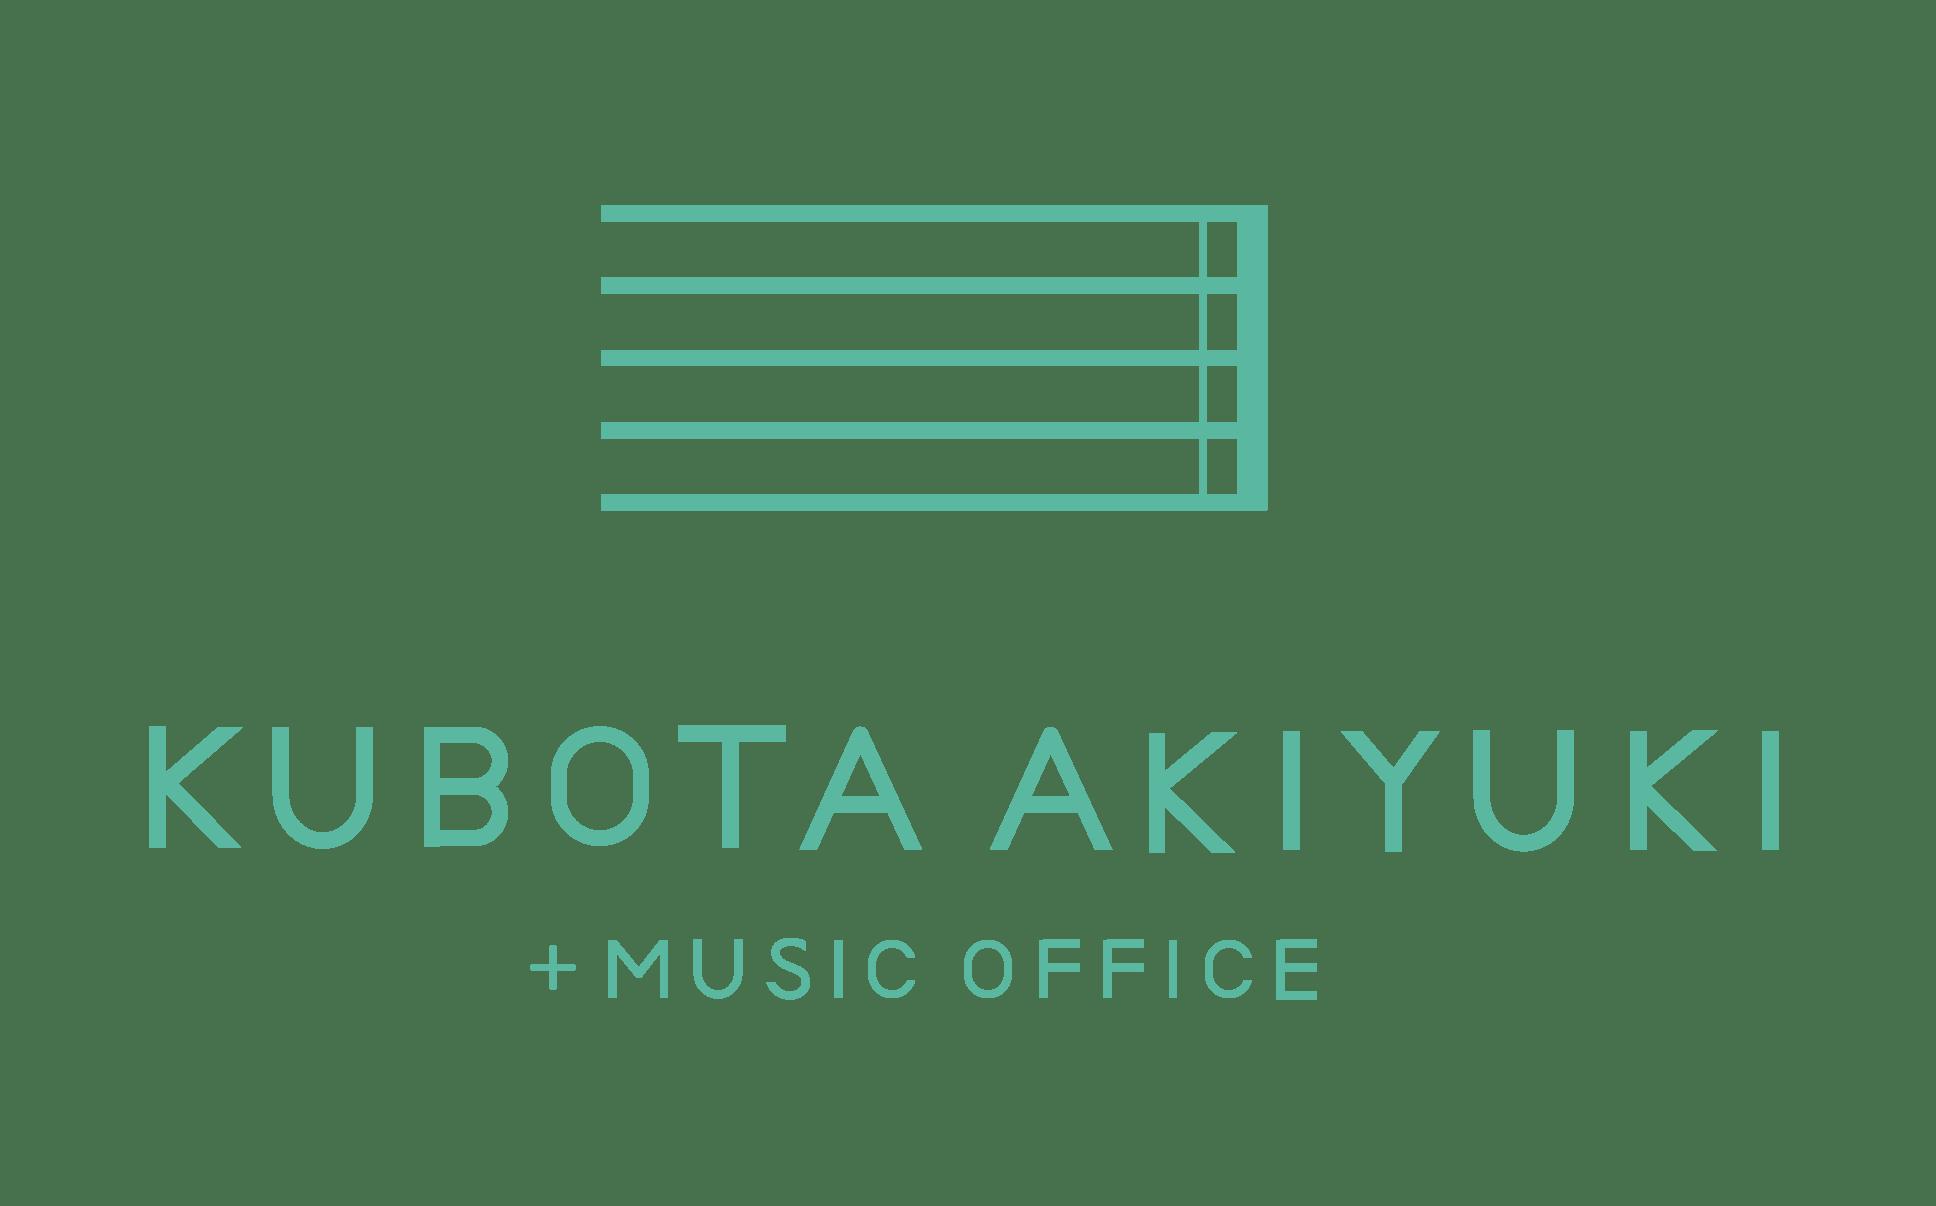 KUBOTAAKIYUKI MUSICOFFICE + BLOG